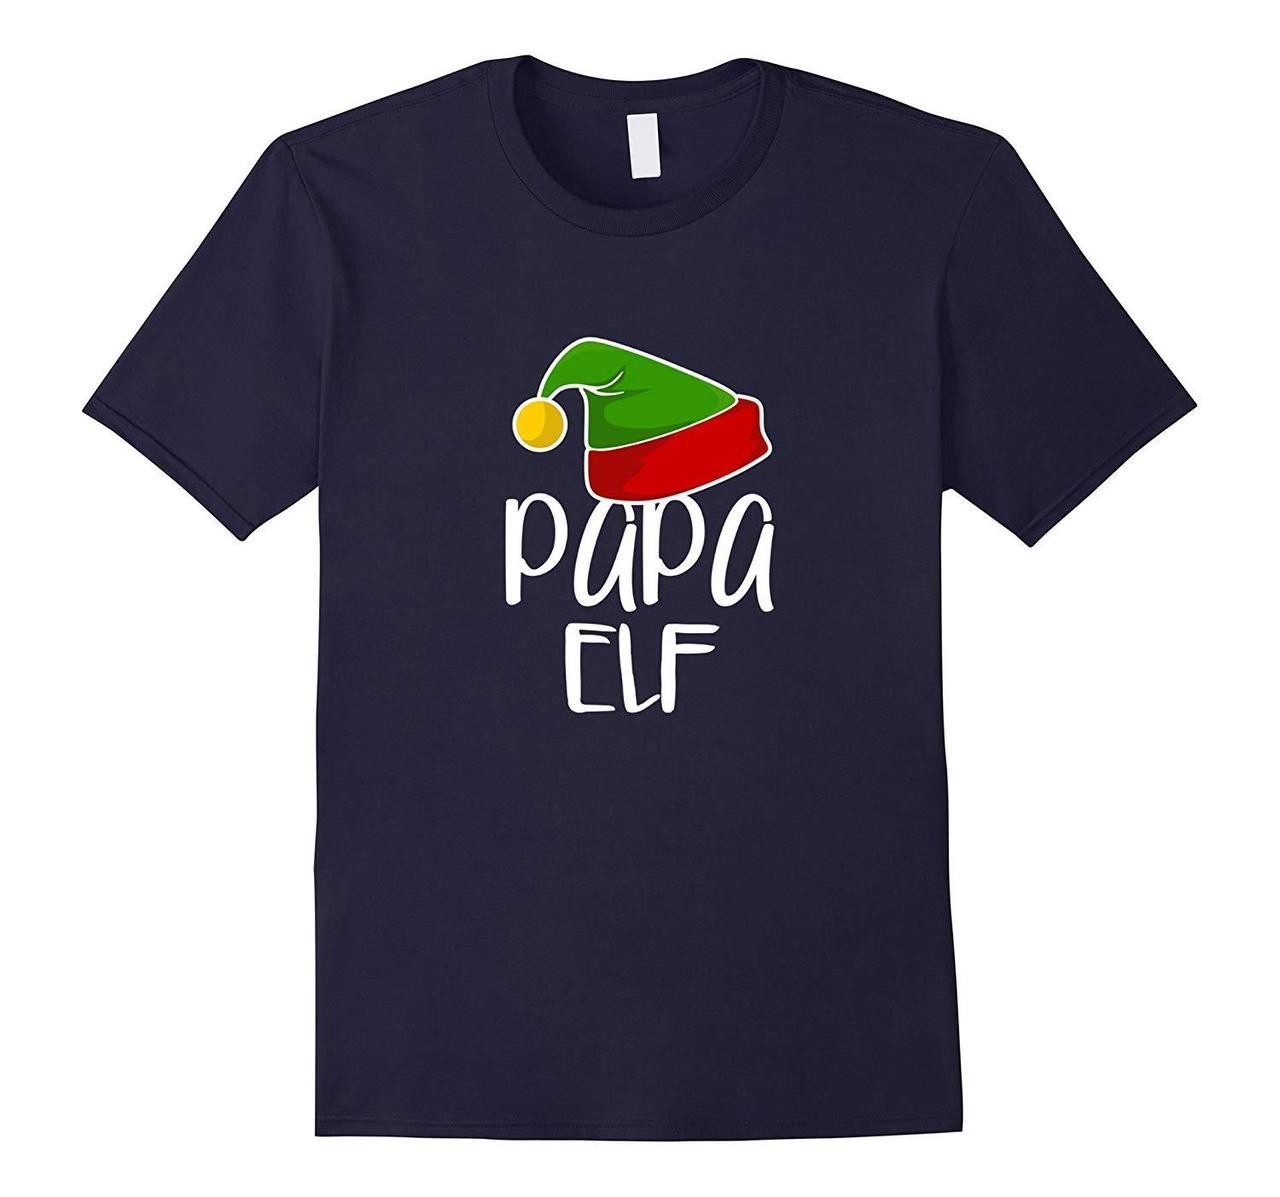 Papa Elf Shirt Funny Christmas Gift Tee